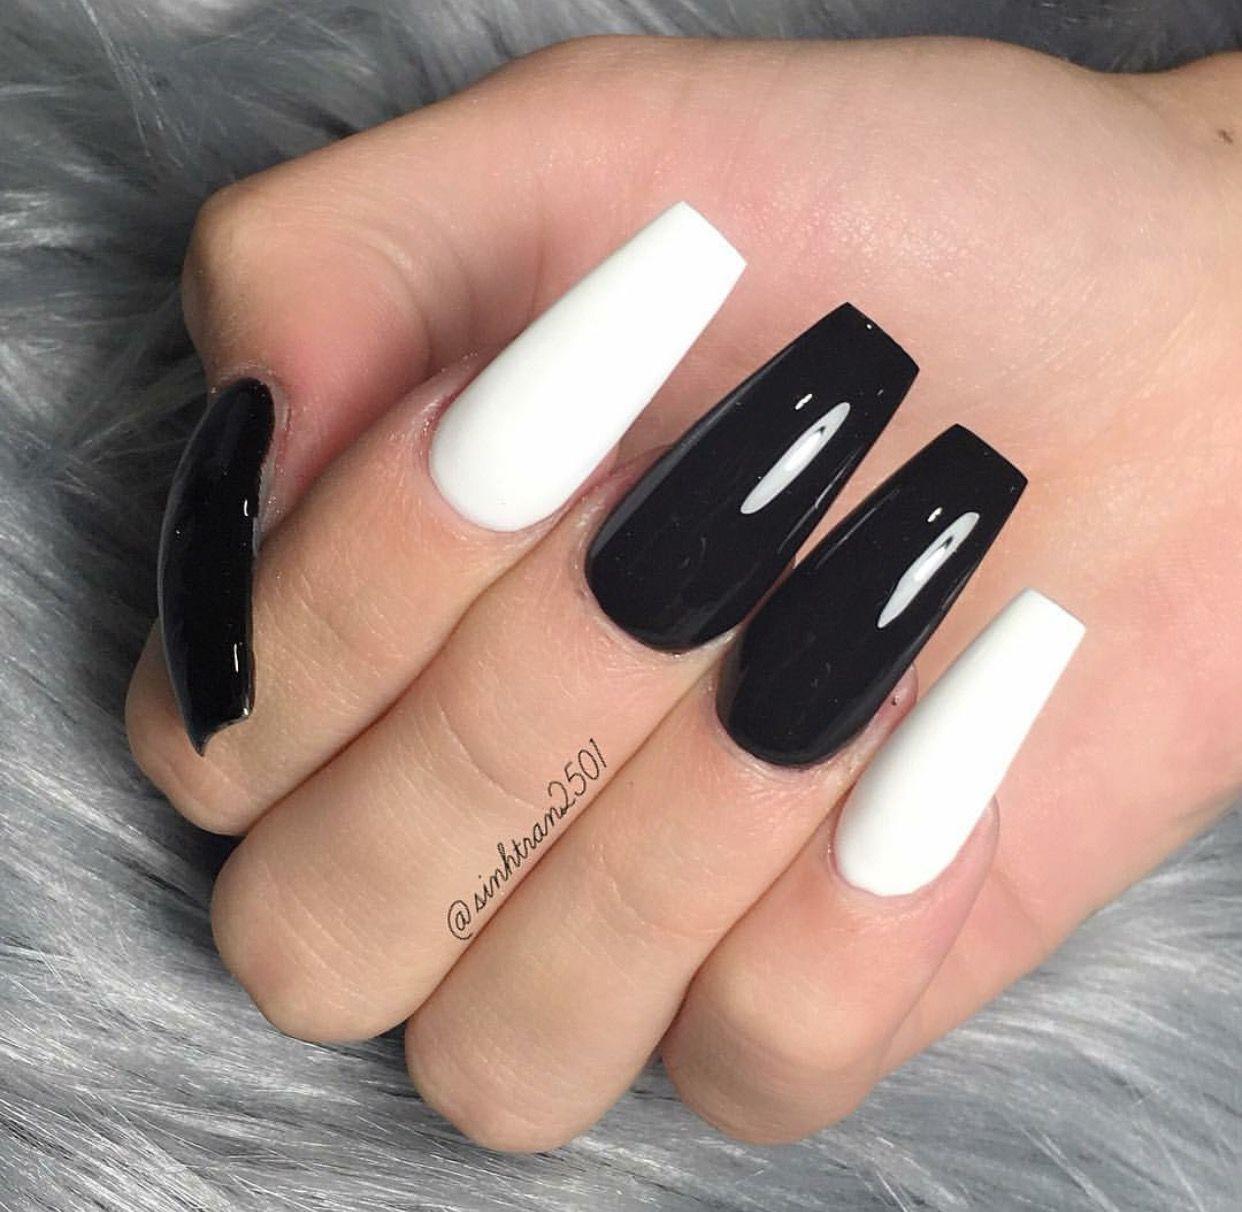 Hair Nails And Style Sinhtran Acrylic Nails Coffin Pink Red Acrylic Nails Long Acrylic Nails